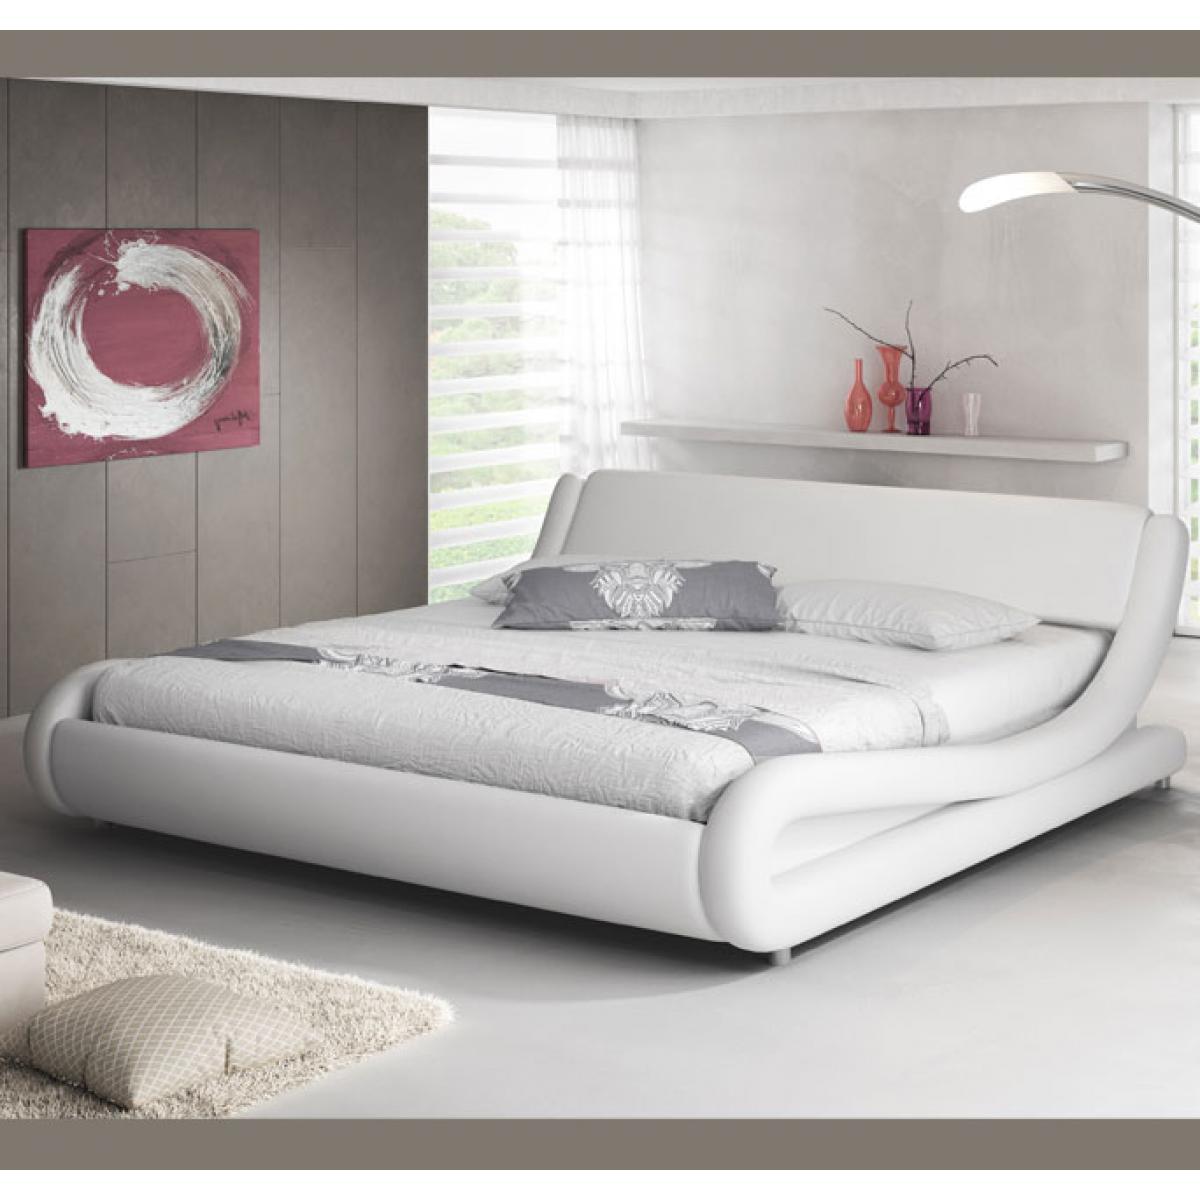 Design Ameublement Lit double Alessia ? blanc 150x190cm